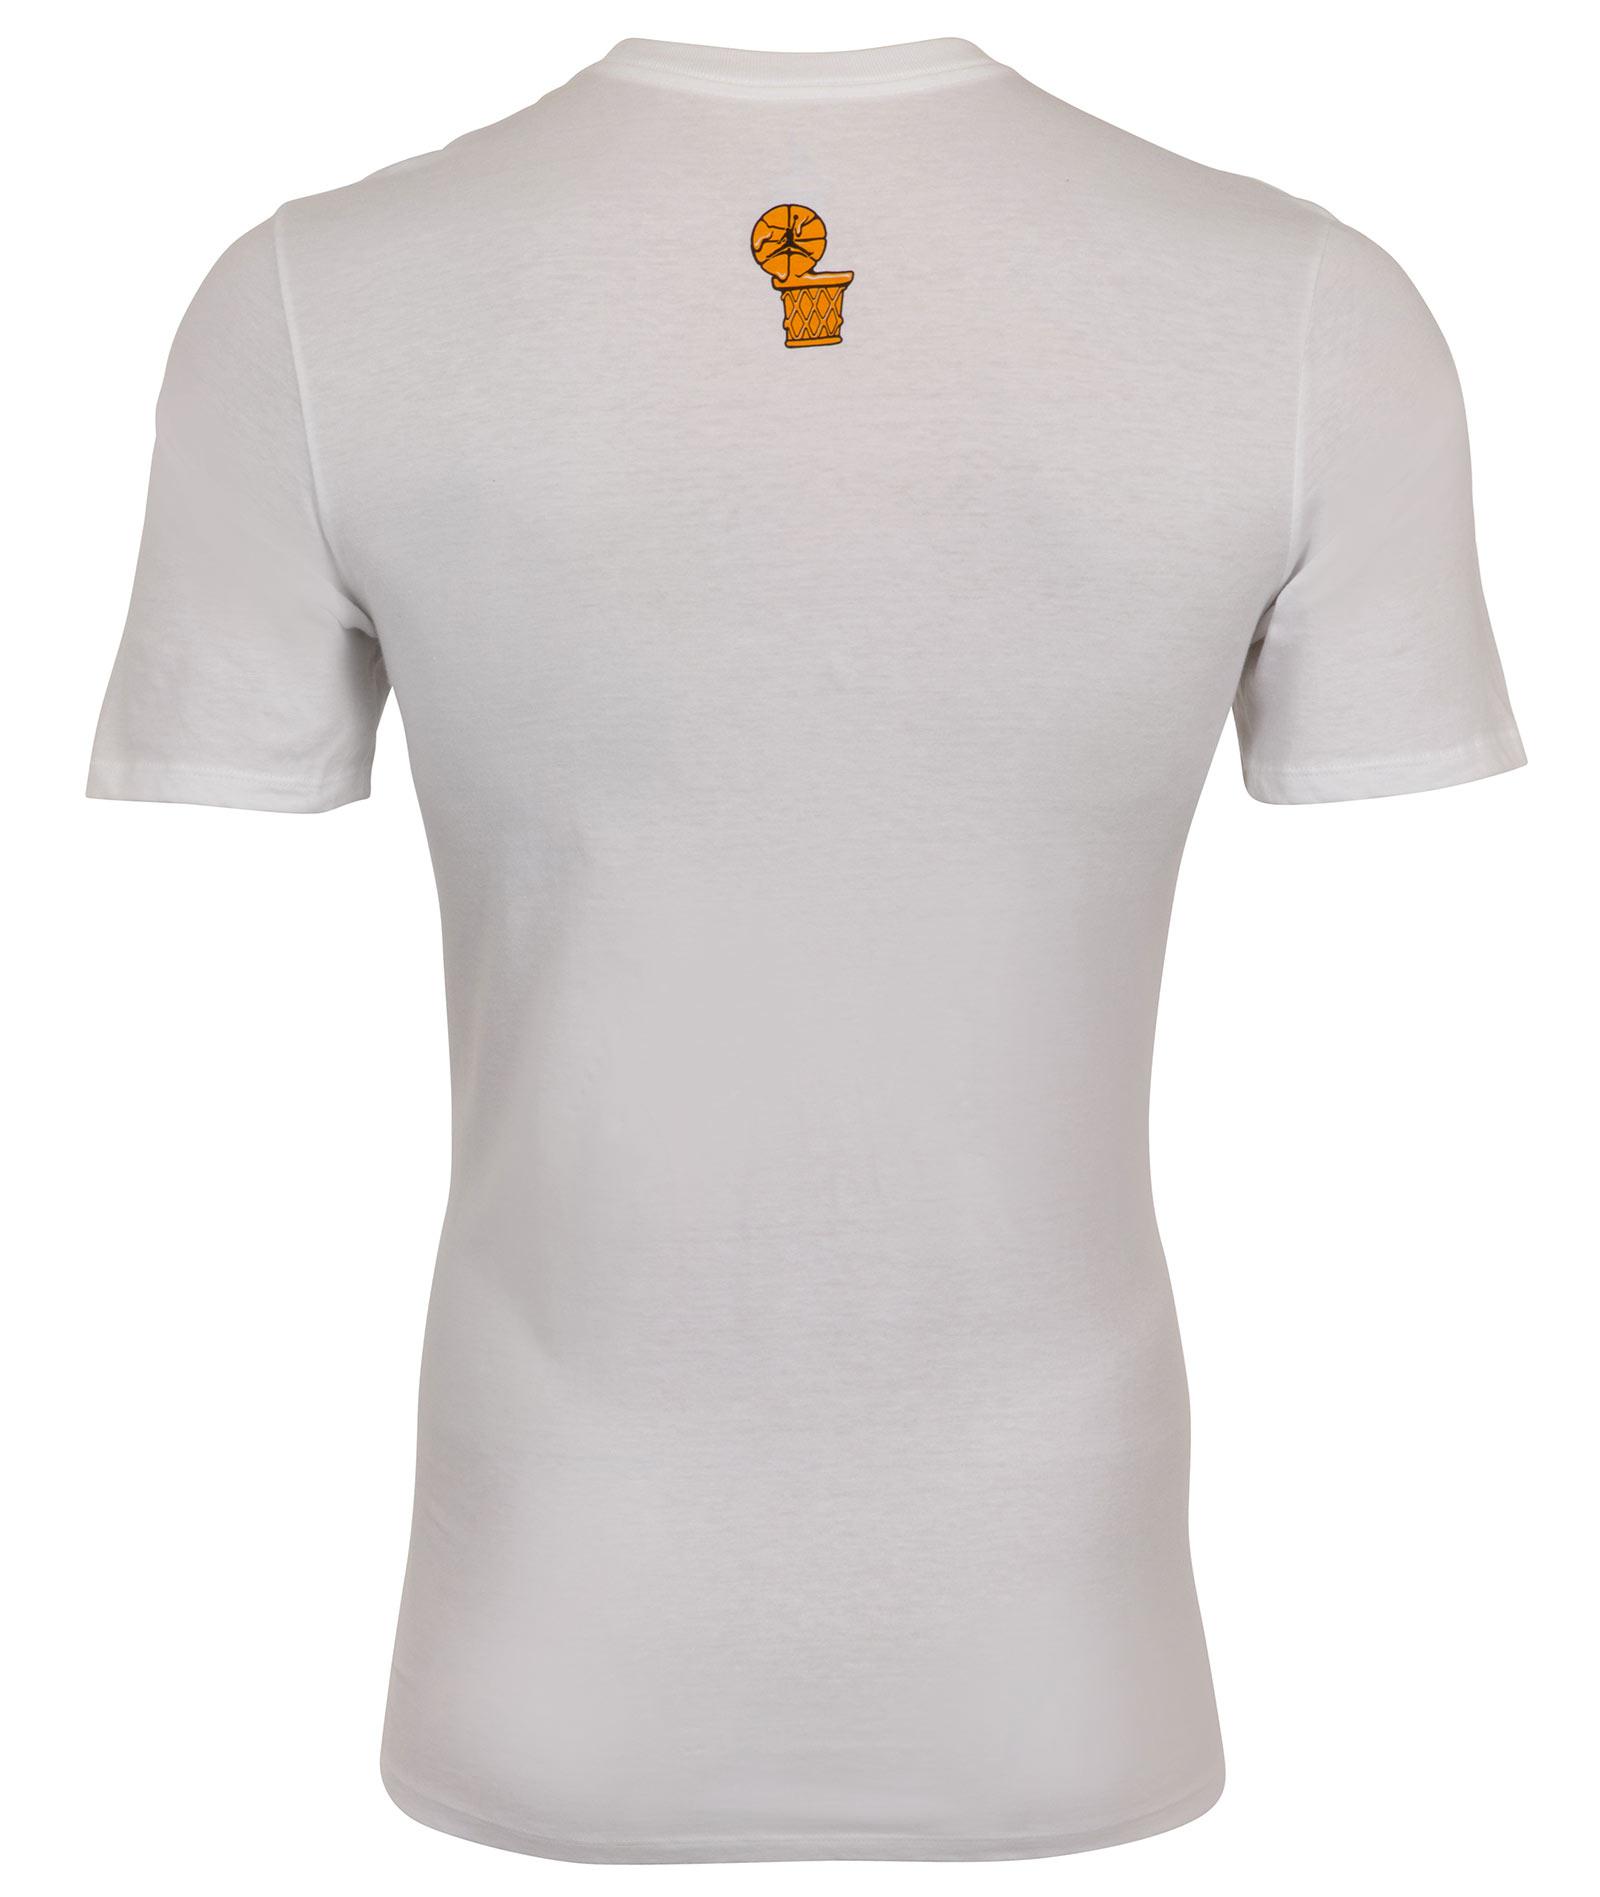 New nike jordan 23 flavours tee mens t shirt all sizes ebay for Men s shirt sizes explained